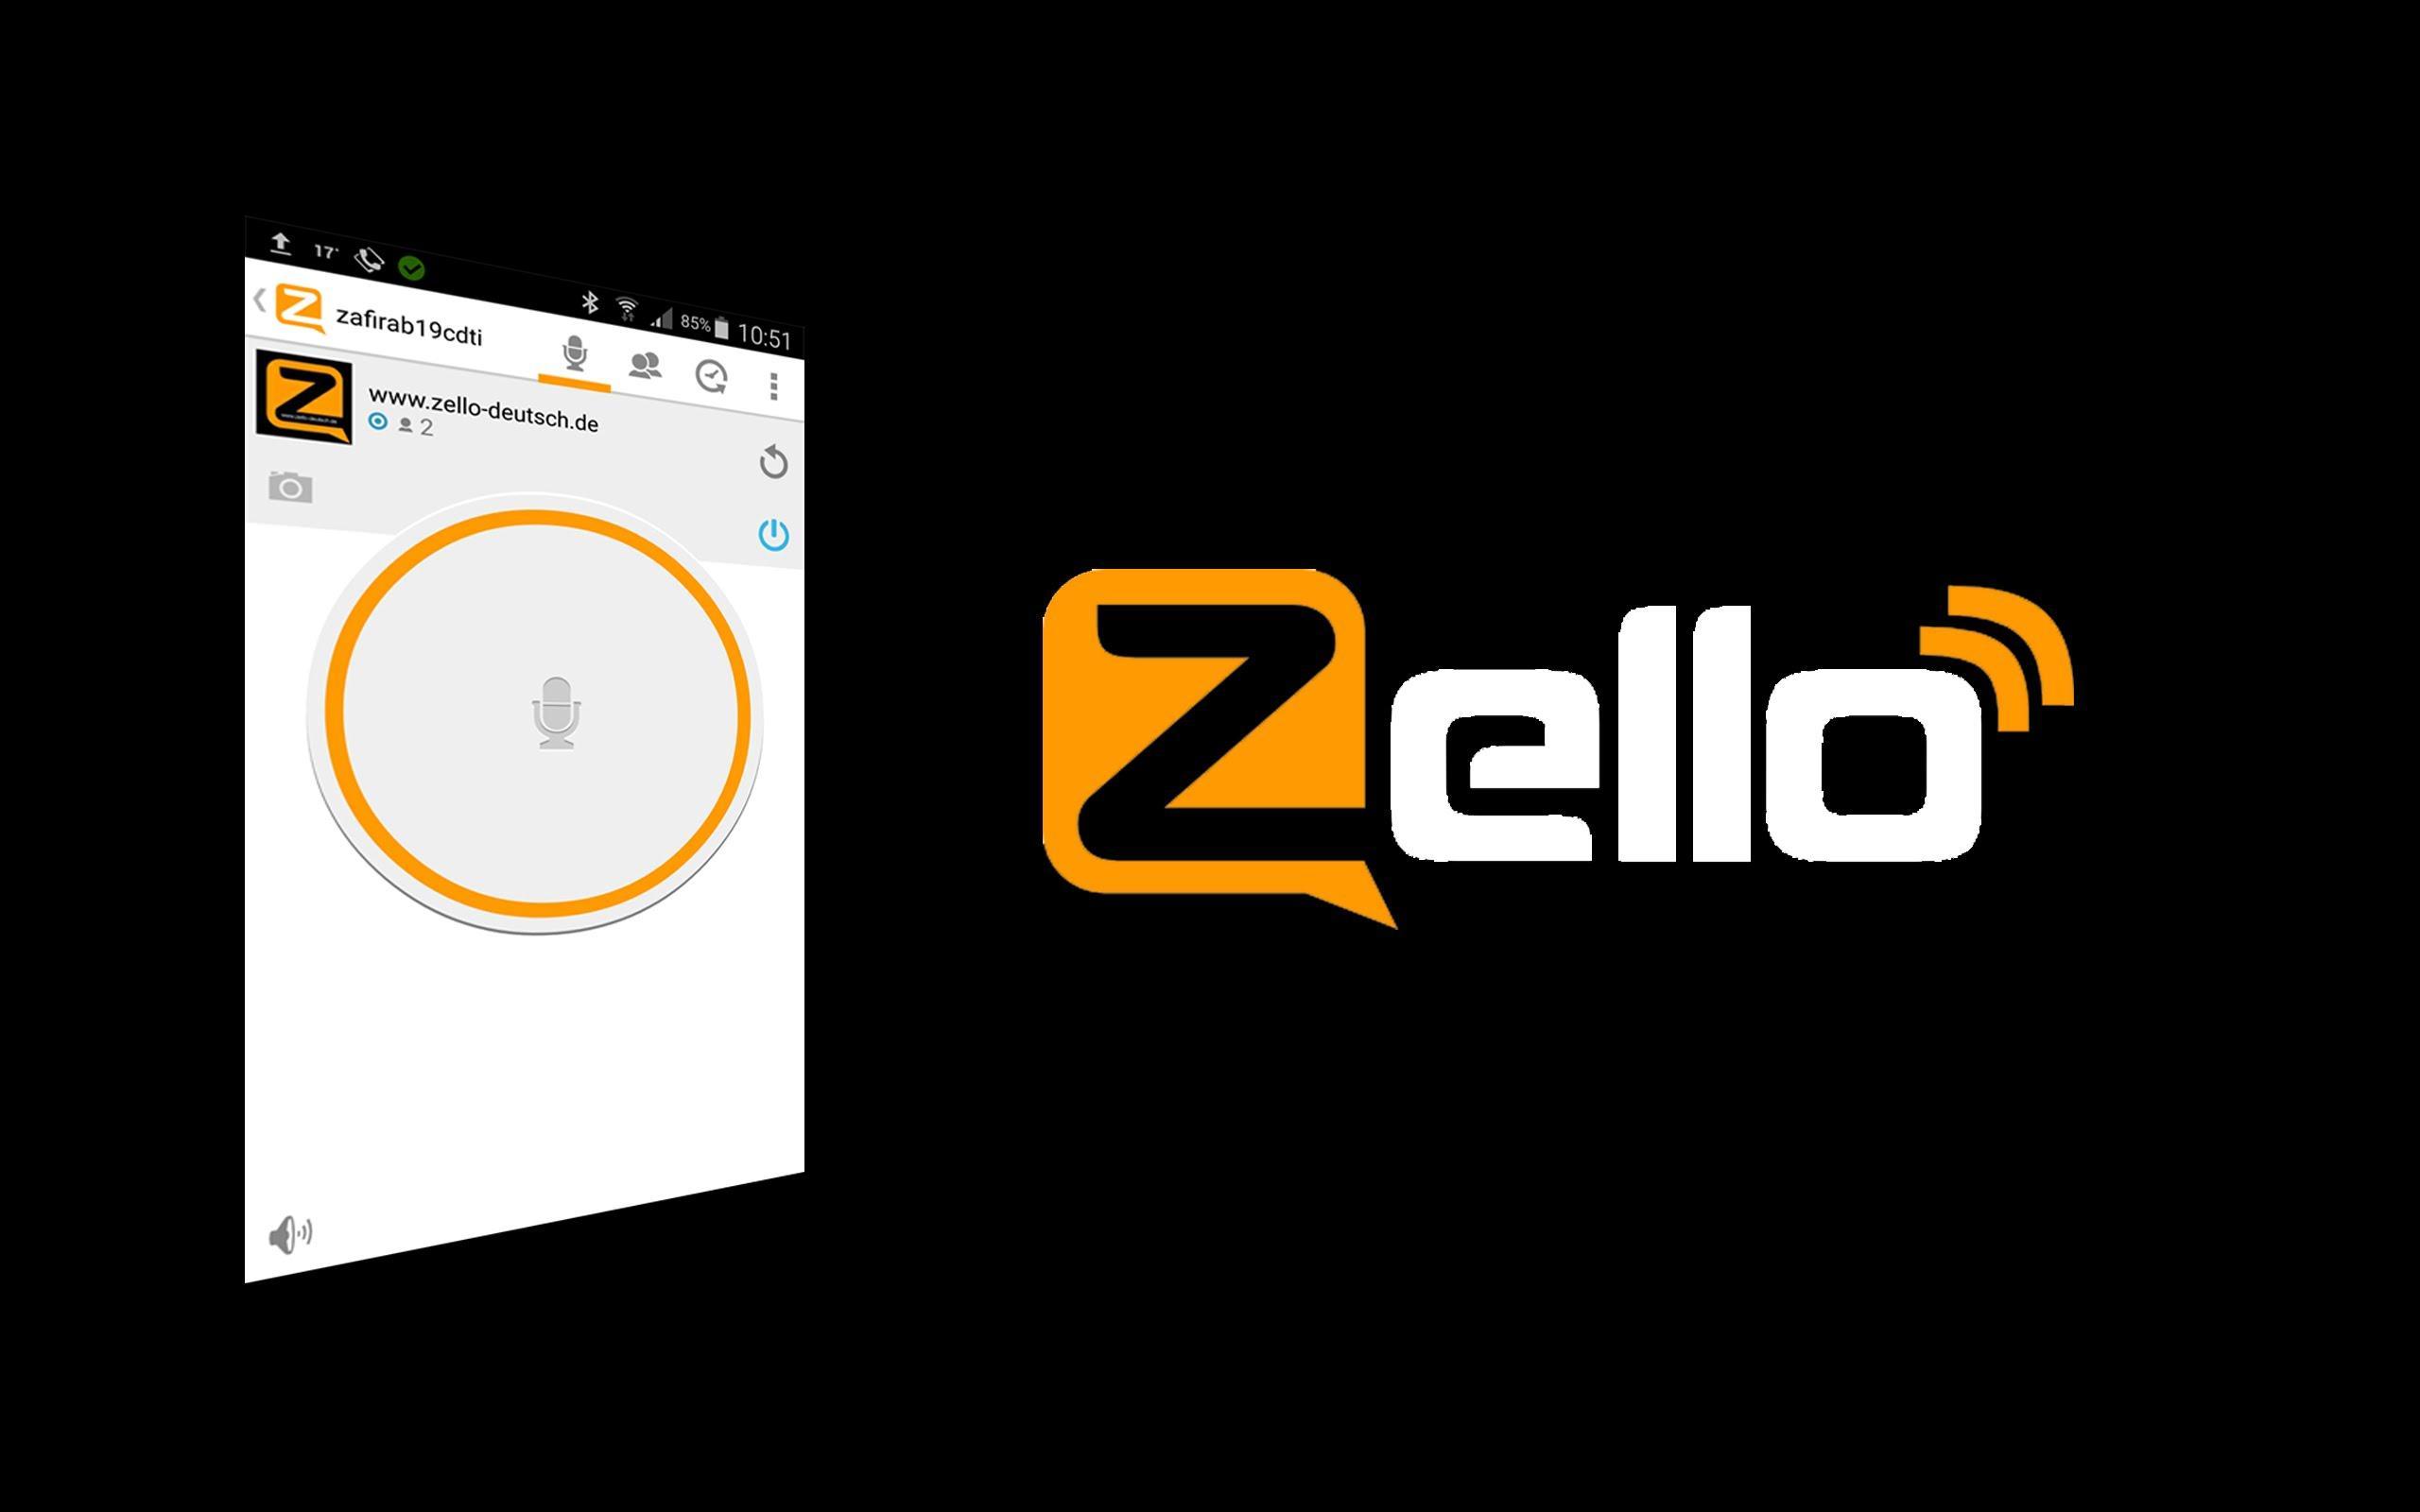 Зелло: рация для компьютера, установка и использование Zello